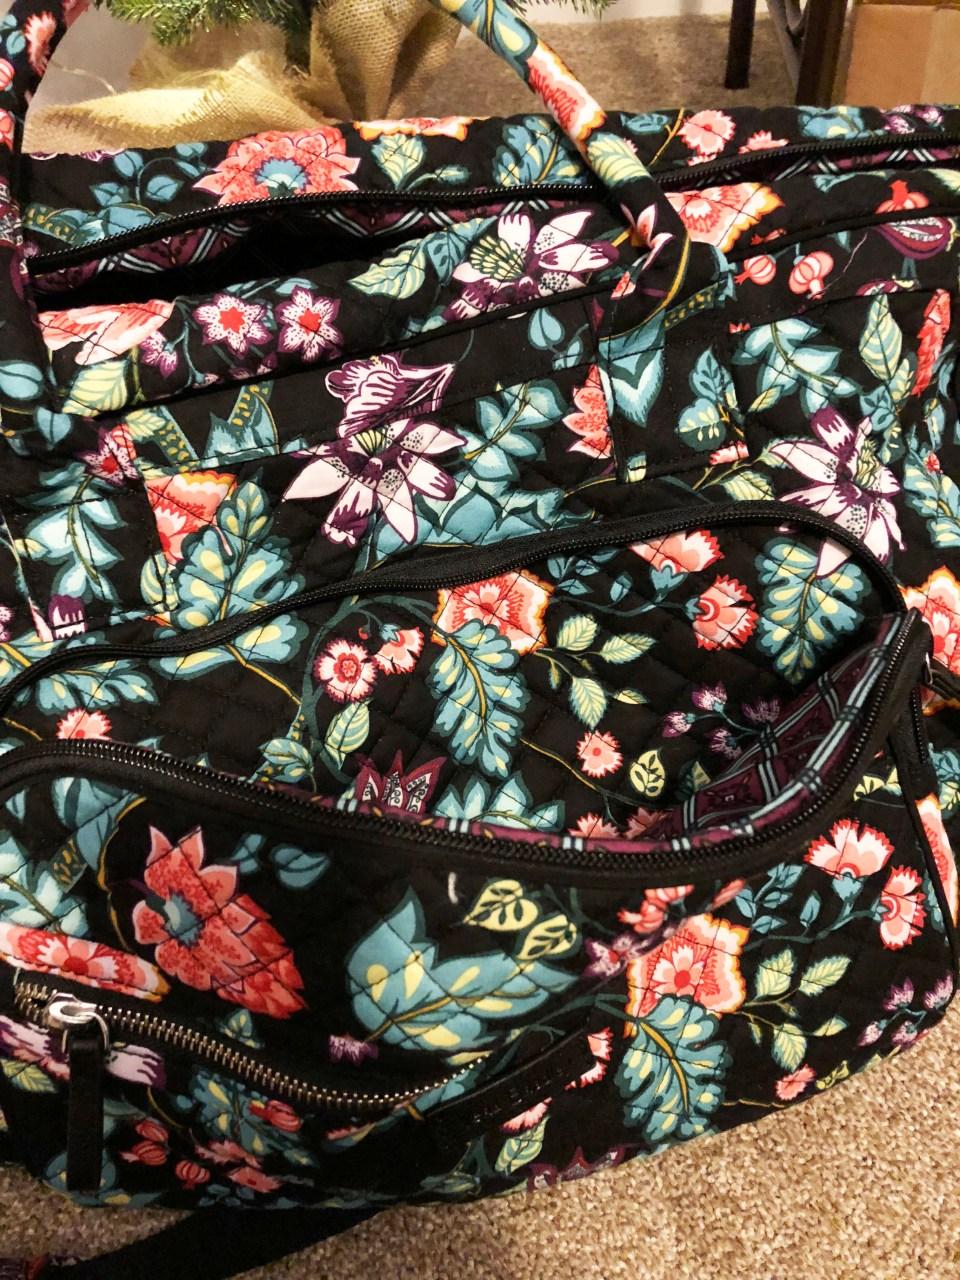 Vera Bradley - Iconic Weekender Travel Bag 1